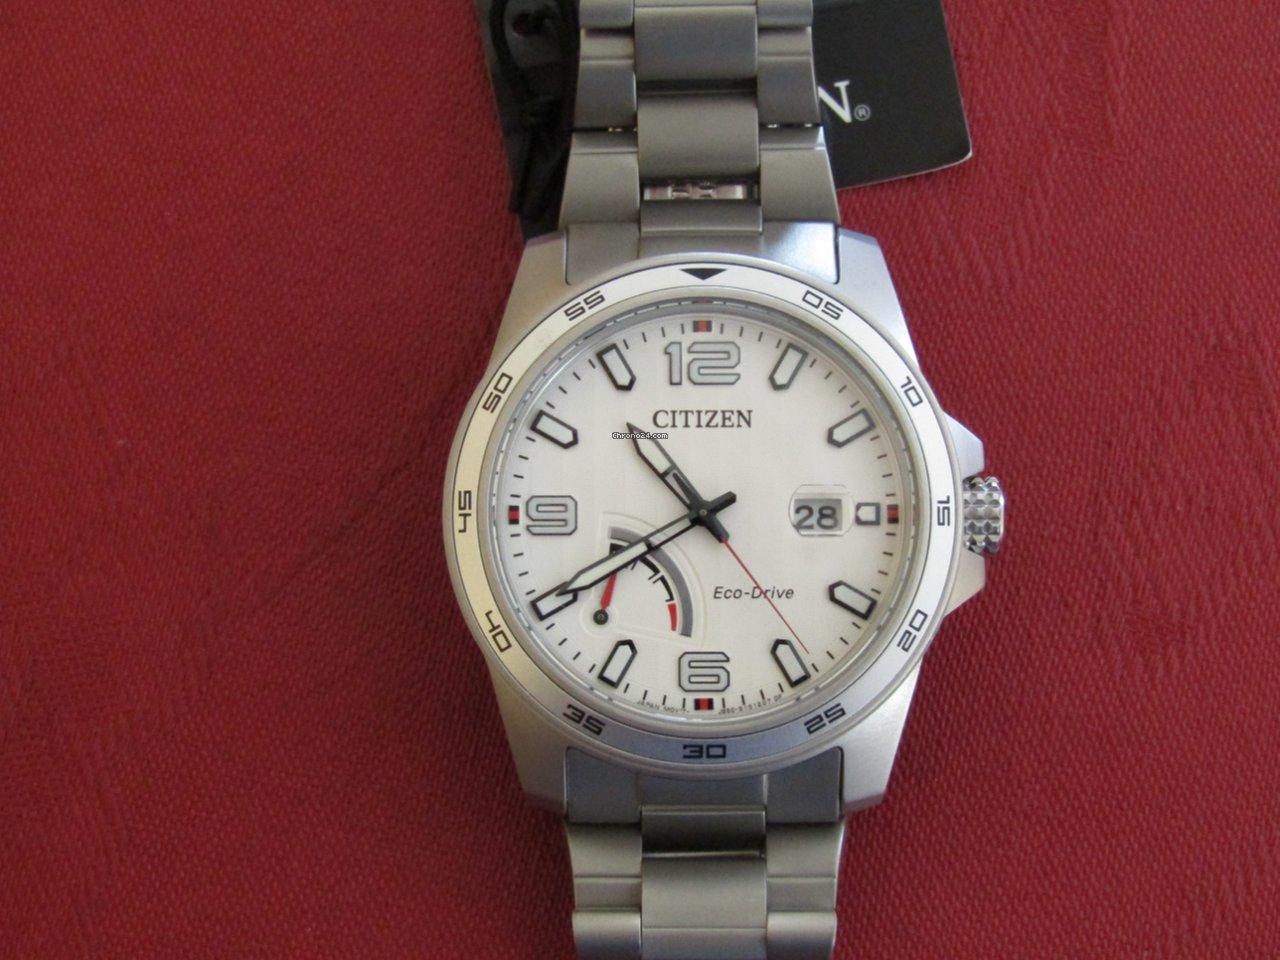 21998b5548a56 Relojes Citizen - Precios de todos los relojes Citizen en Chrono24